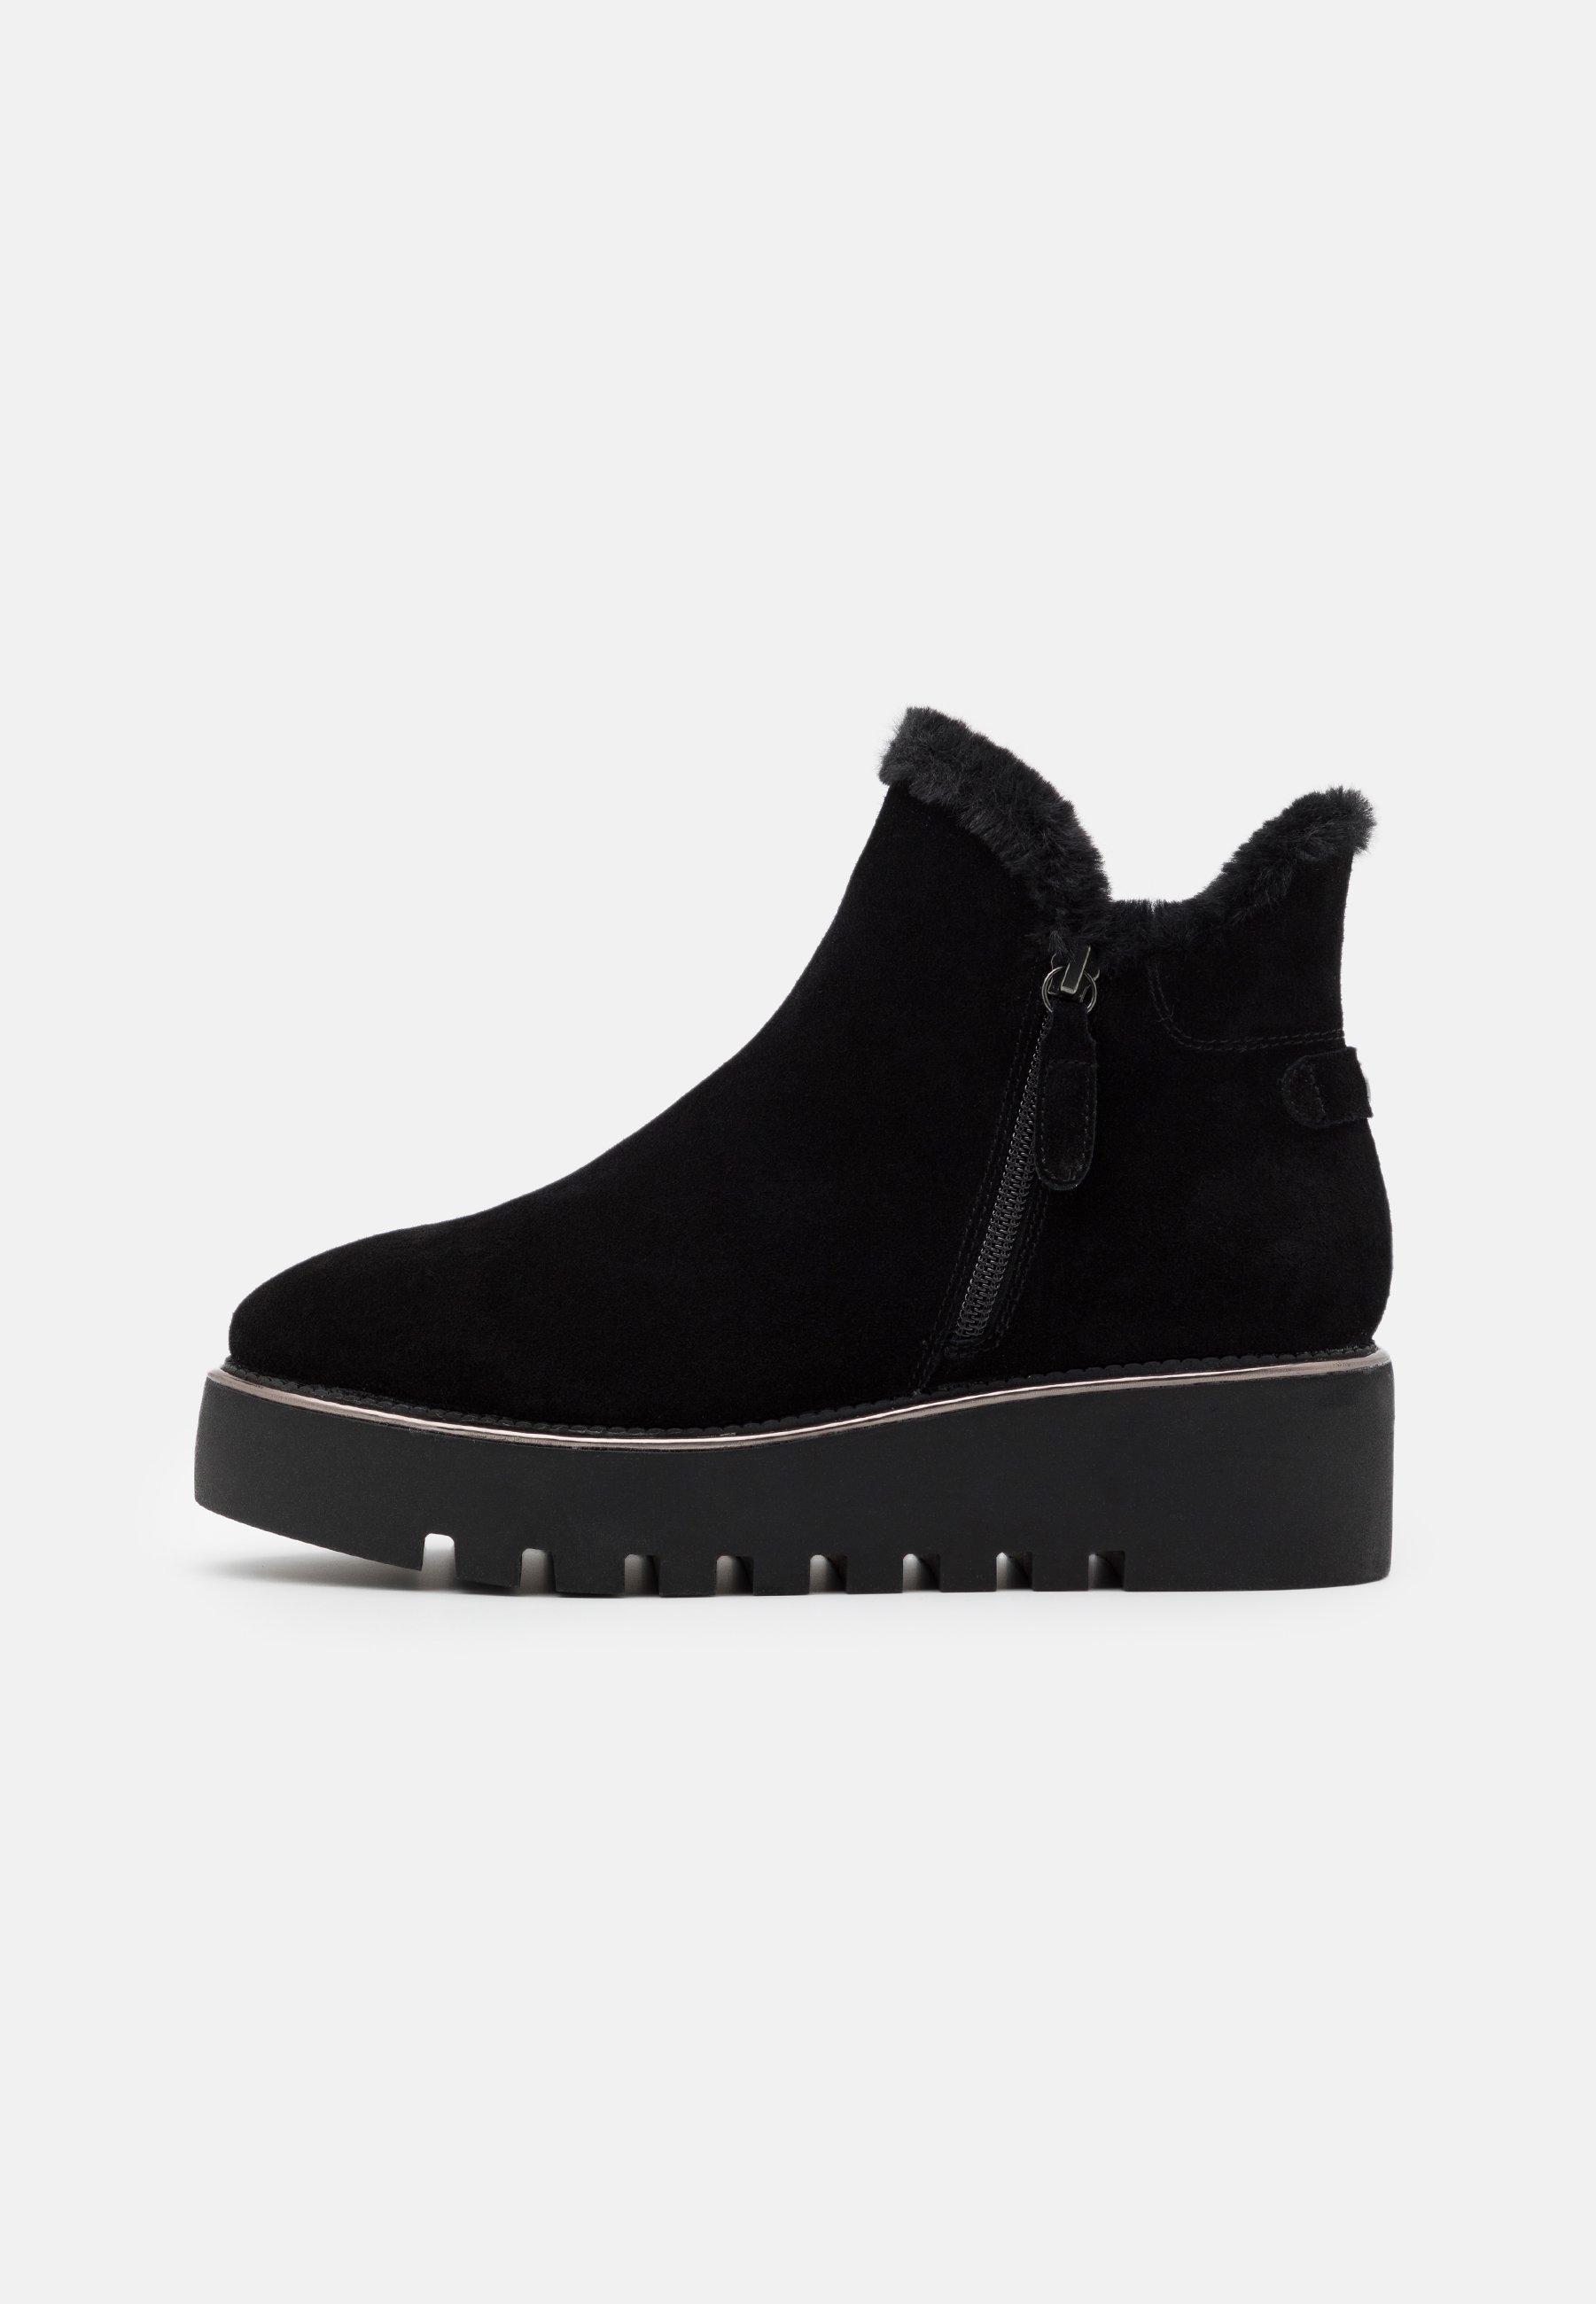 Tamaris Boots - Kilestøvletter Black/svart